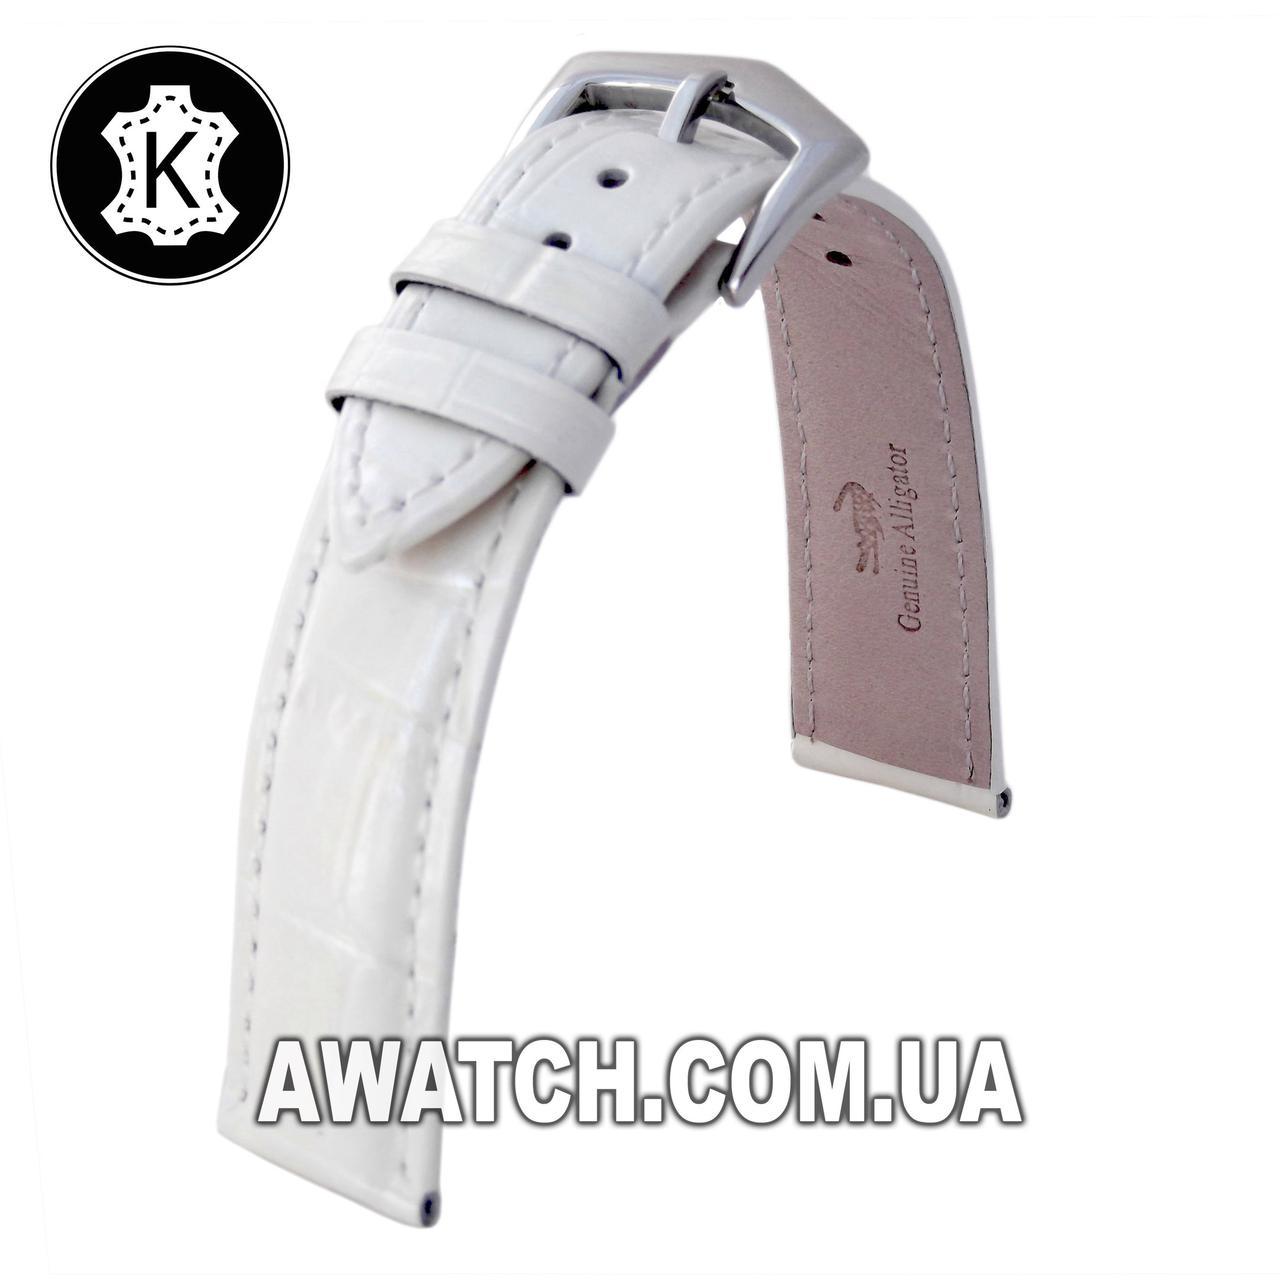 Ремінець шкіряний Catfskin для наручних годинників з класичною застібкою, білий, 20 мм